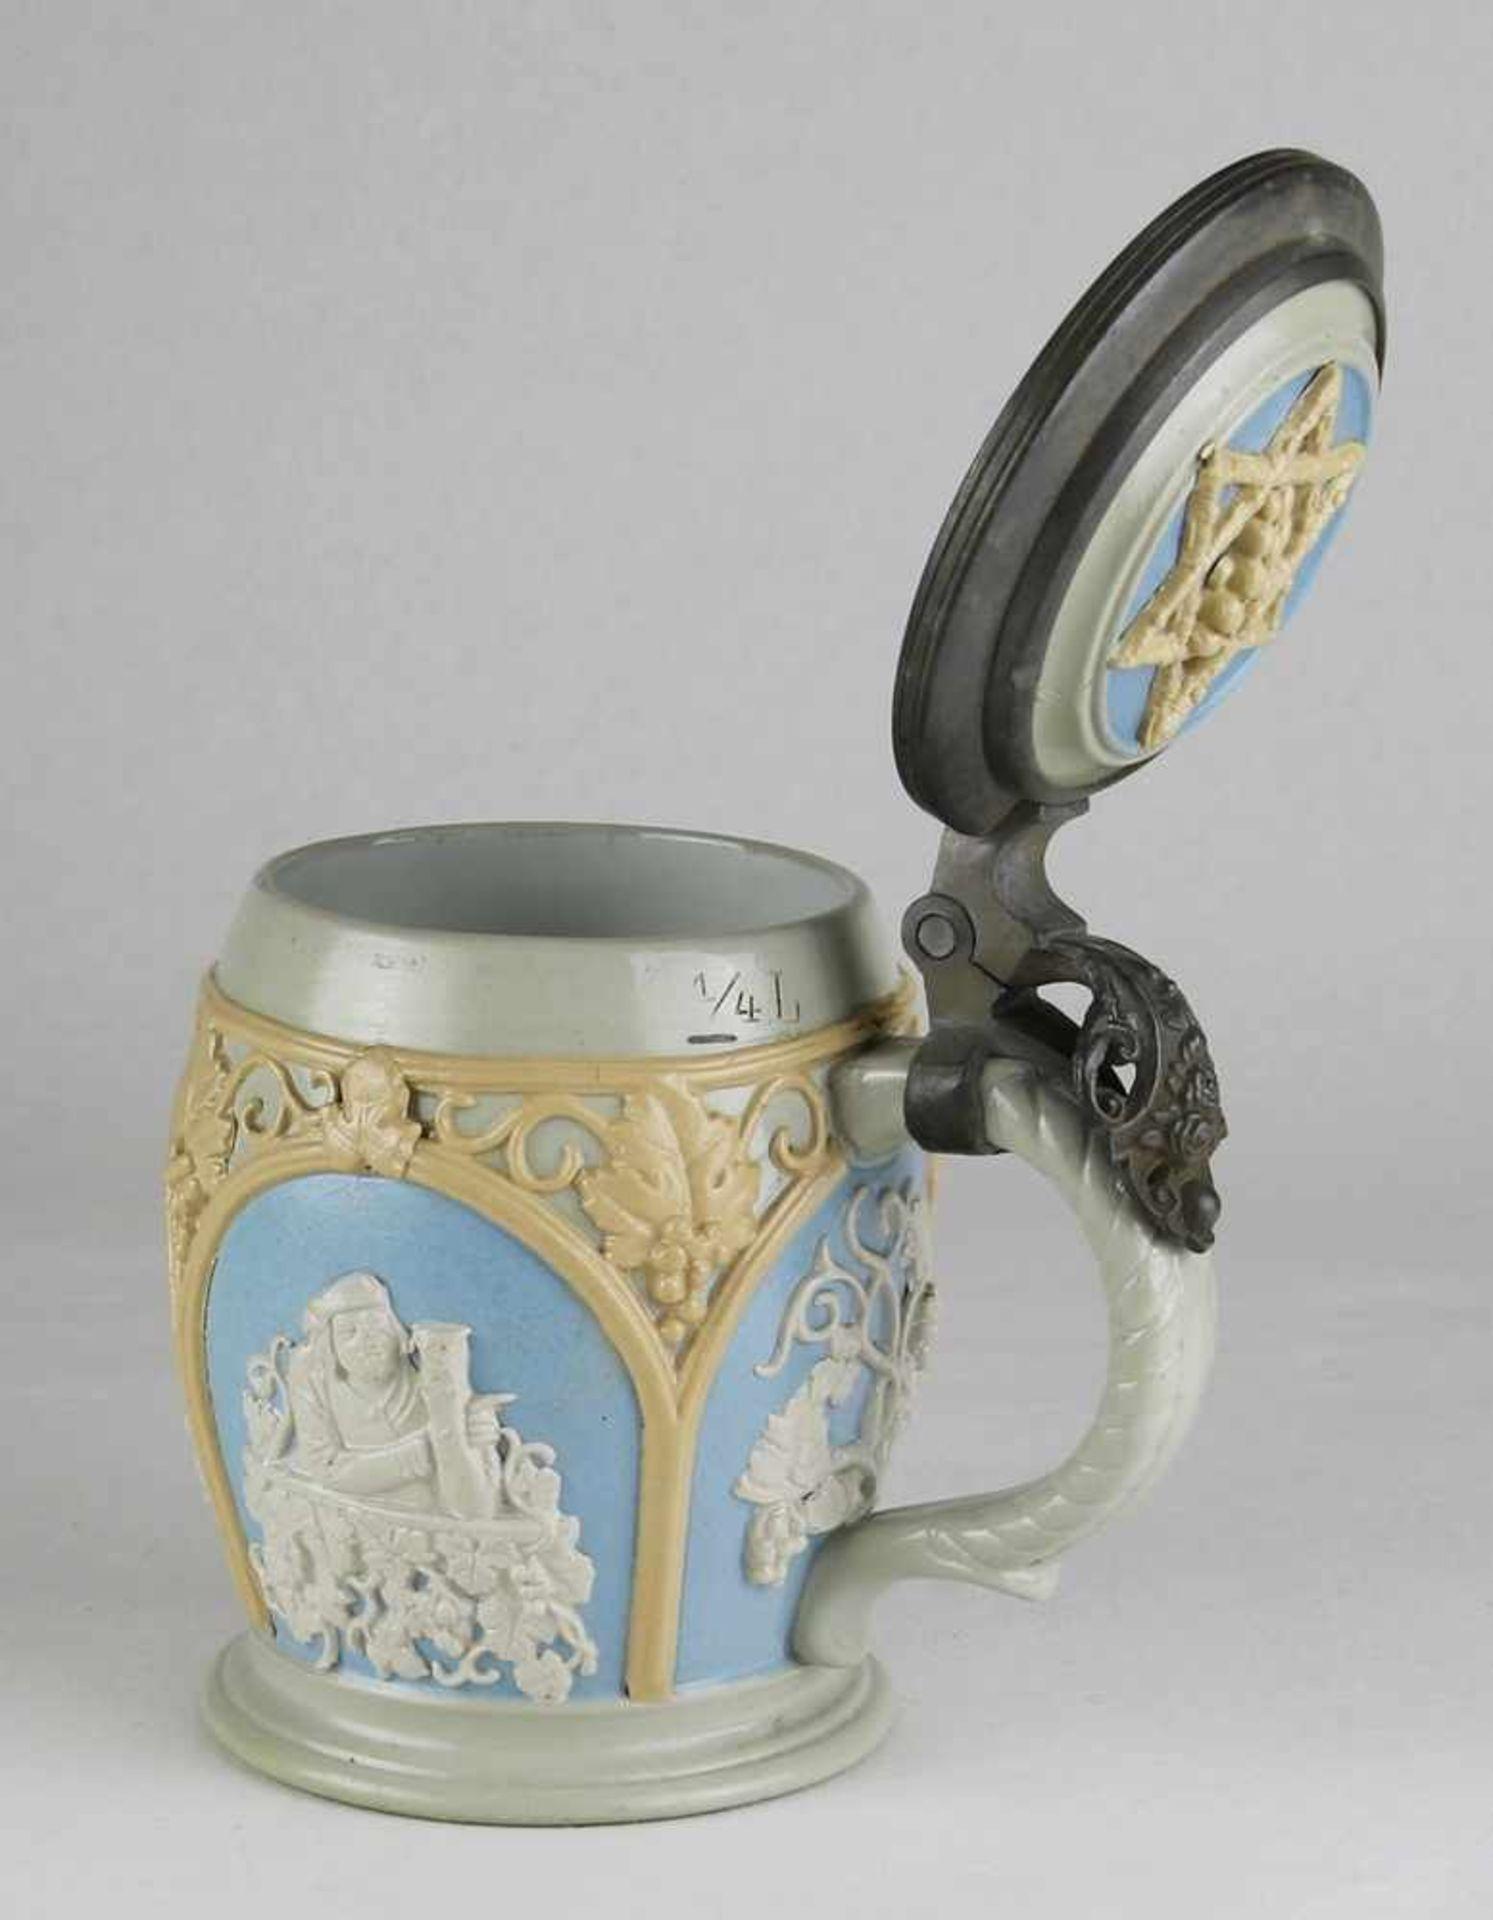 DamenbierkrugVilleroy & Boch, Mettlach um 1900. Grauer Scherben mit umlaufender aufgelegter - Bild 2 aus 4